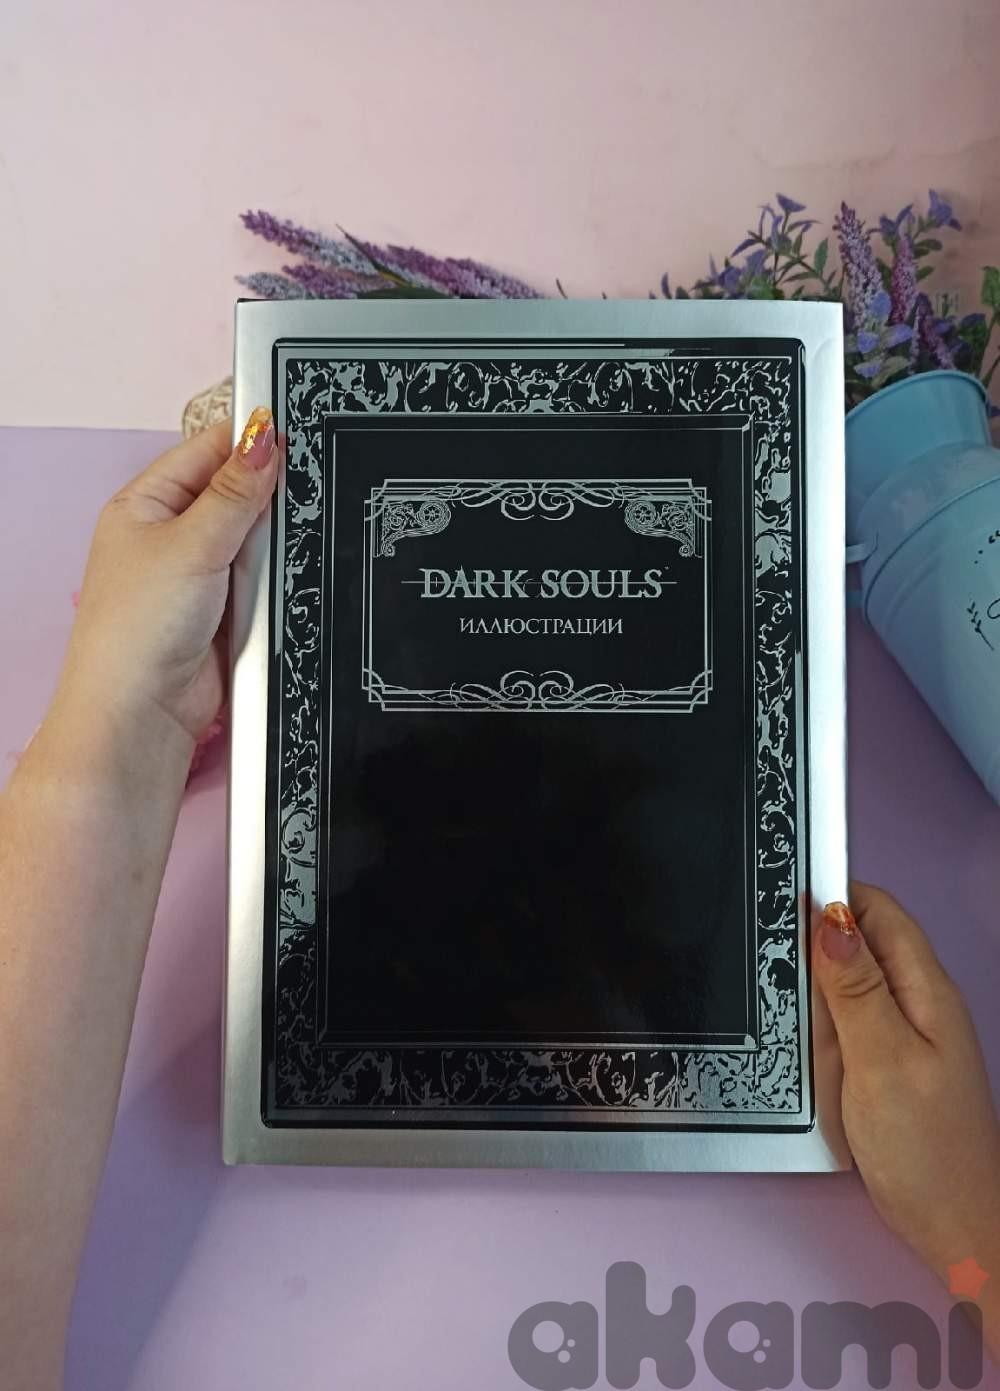 Dark Souls: Иллюстрации - 2